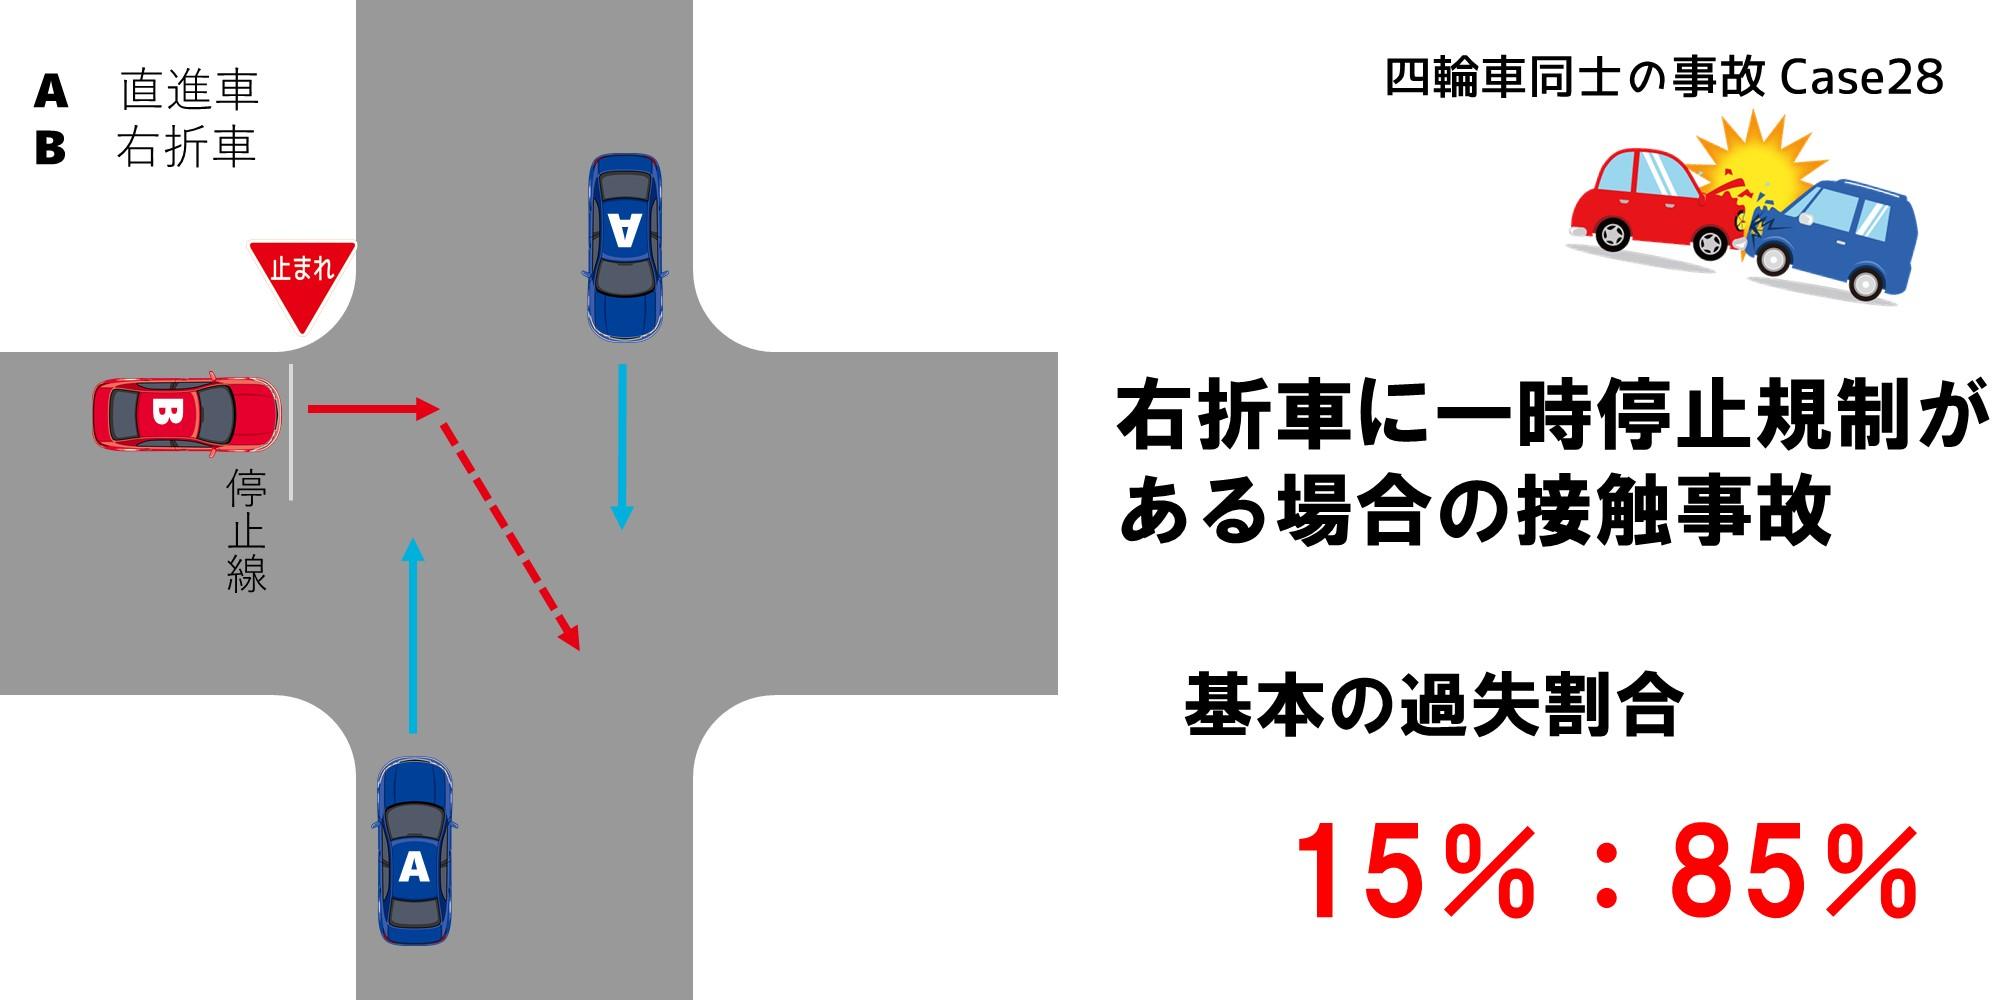 右折車に一時停止規制がある場合の過失割合